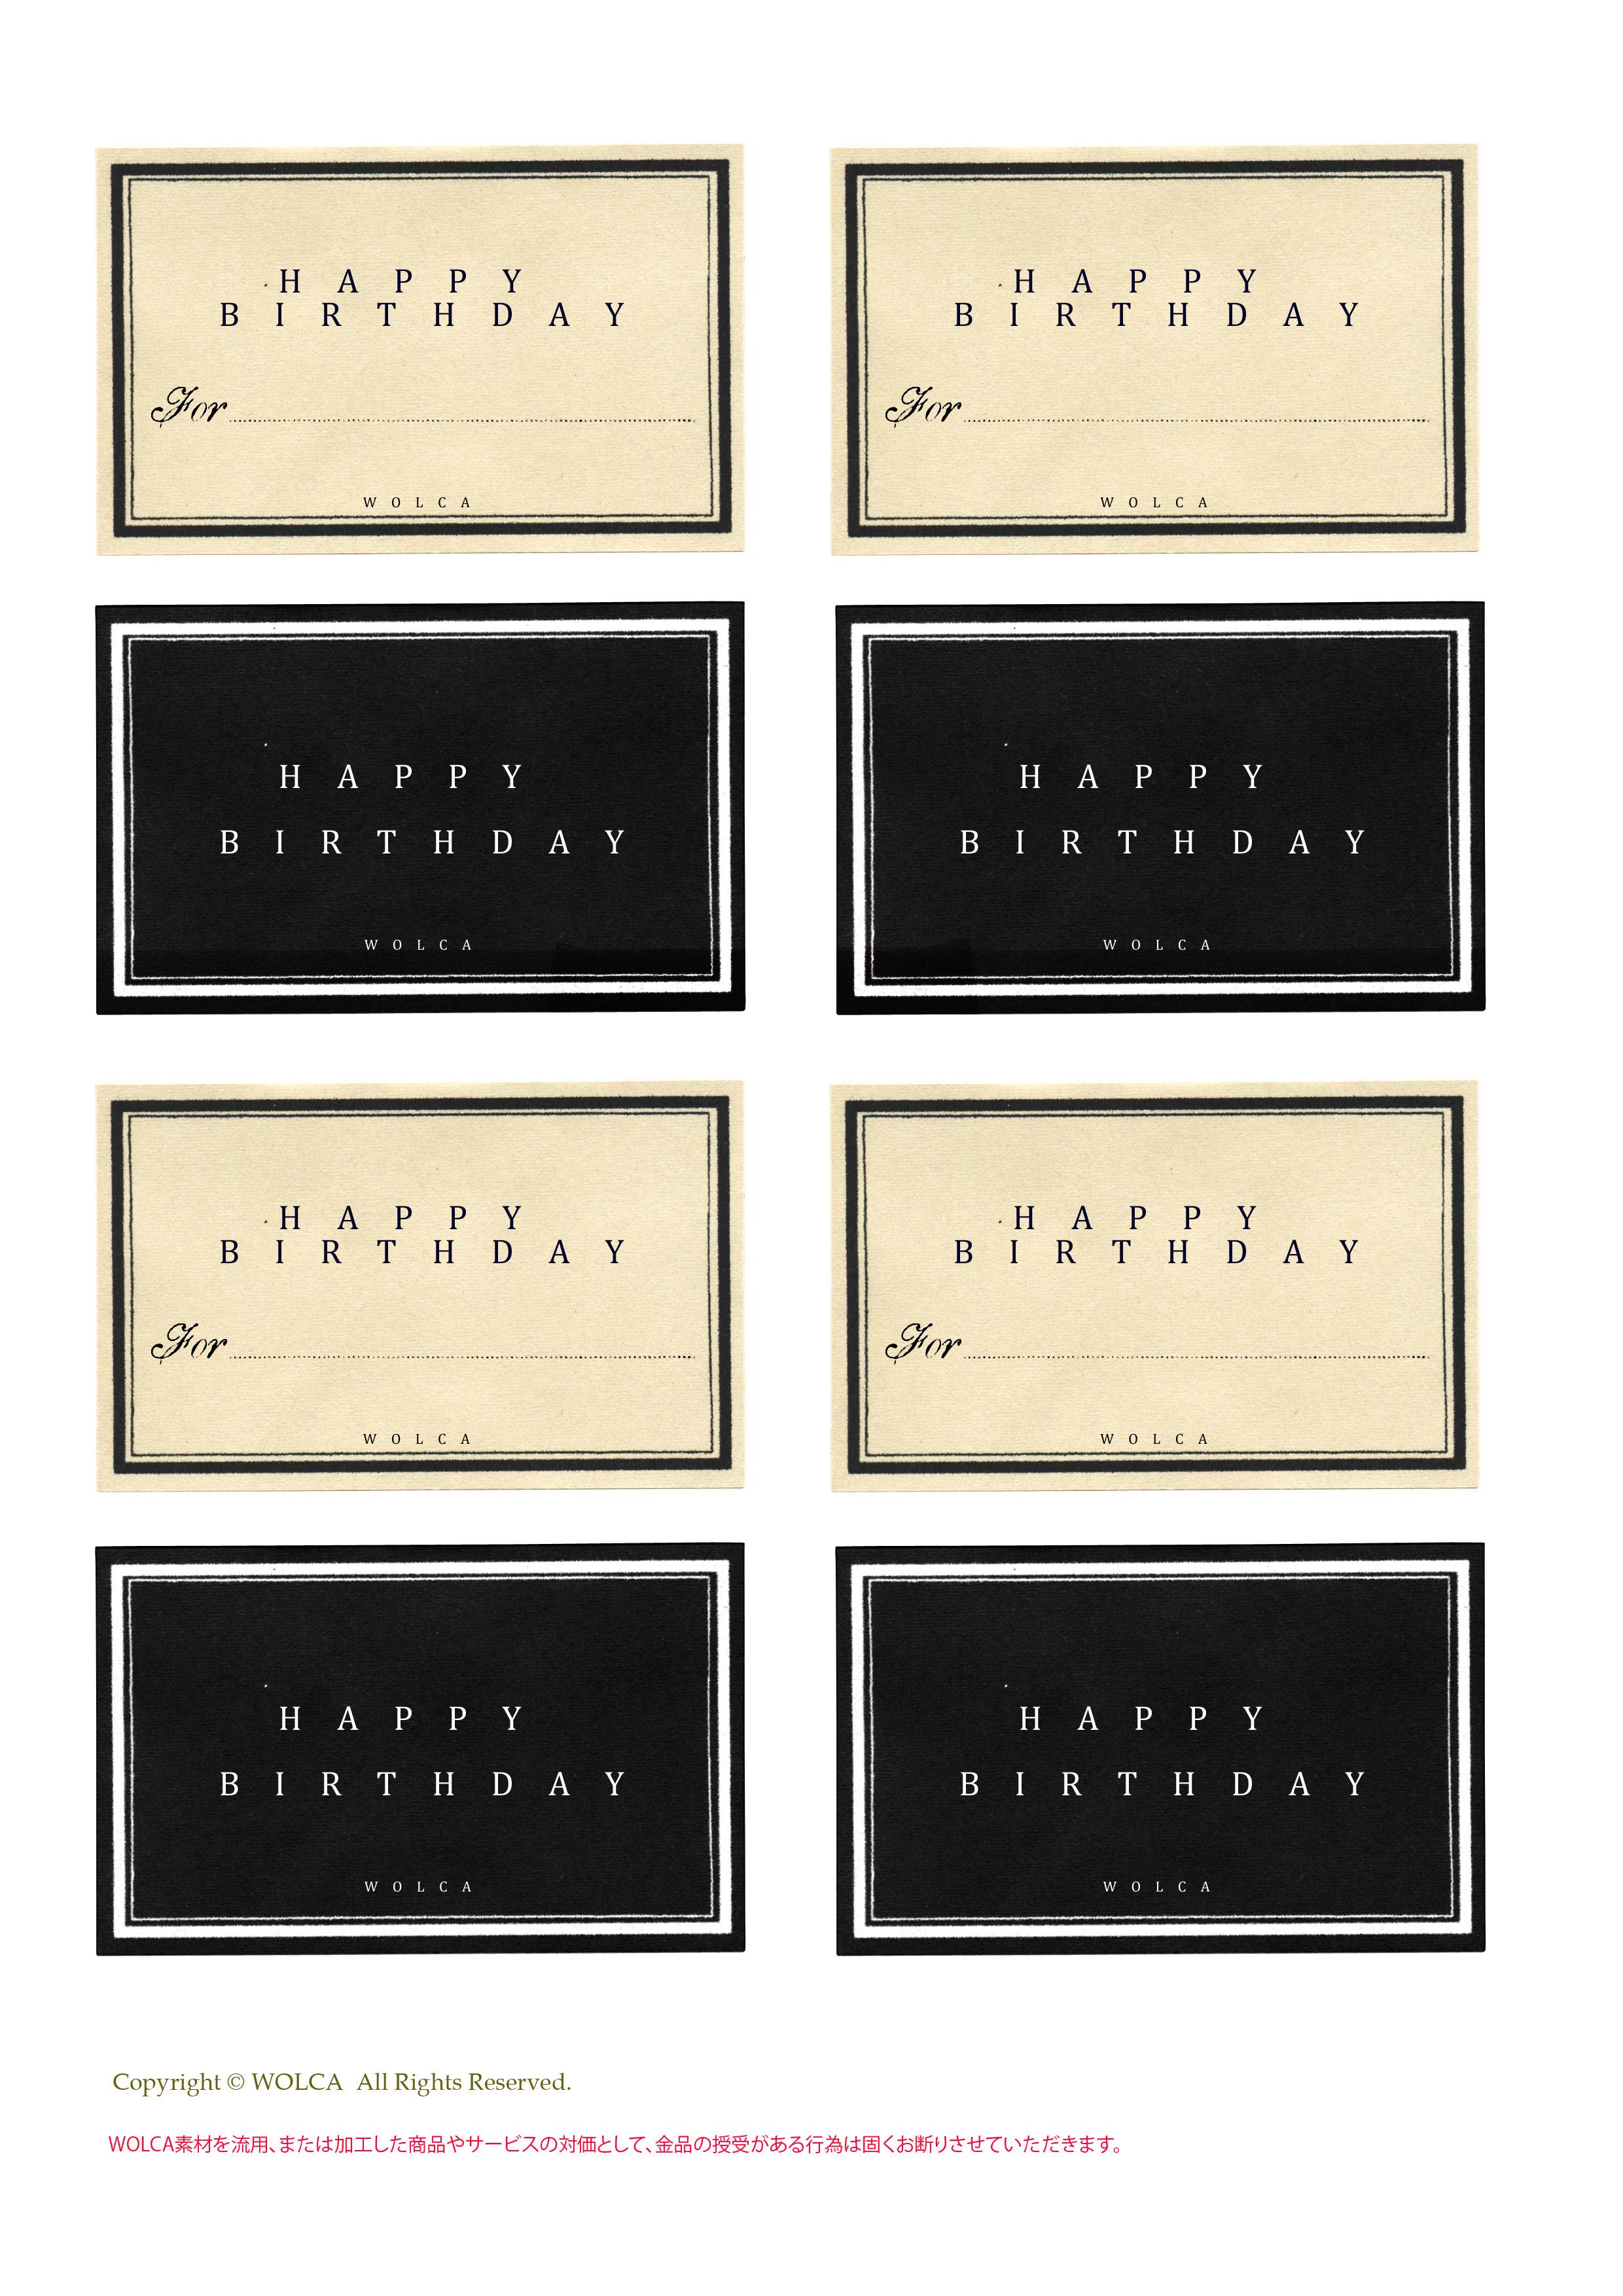 やイベントに使う手作りカード ...